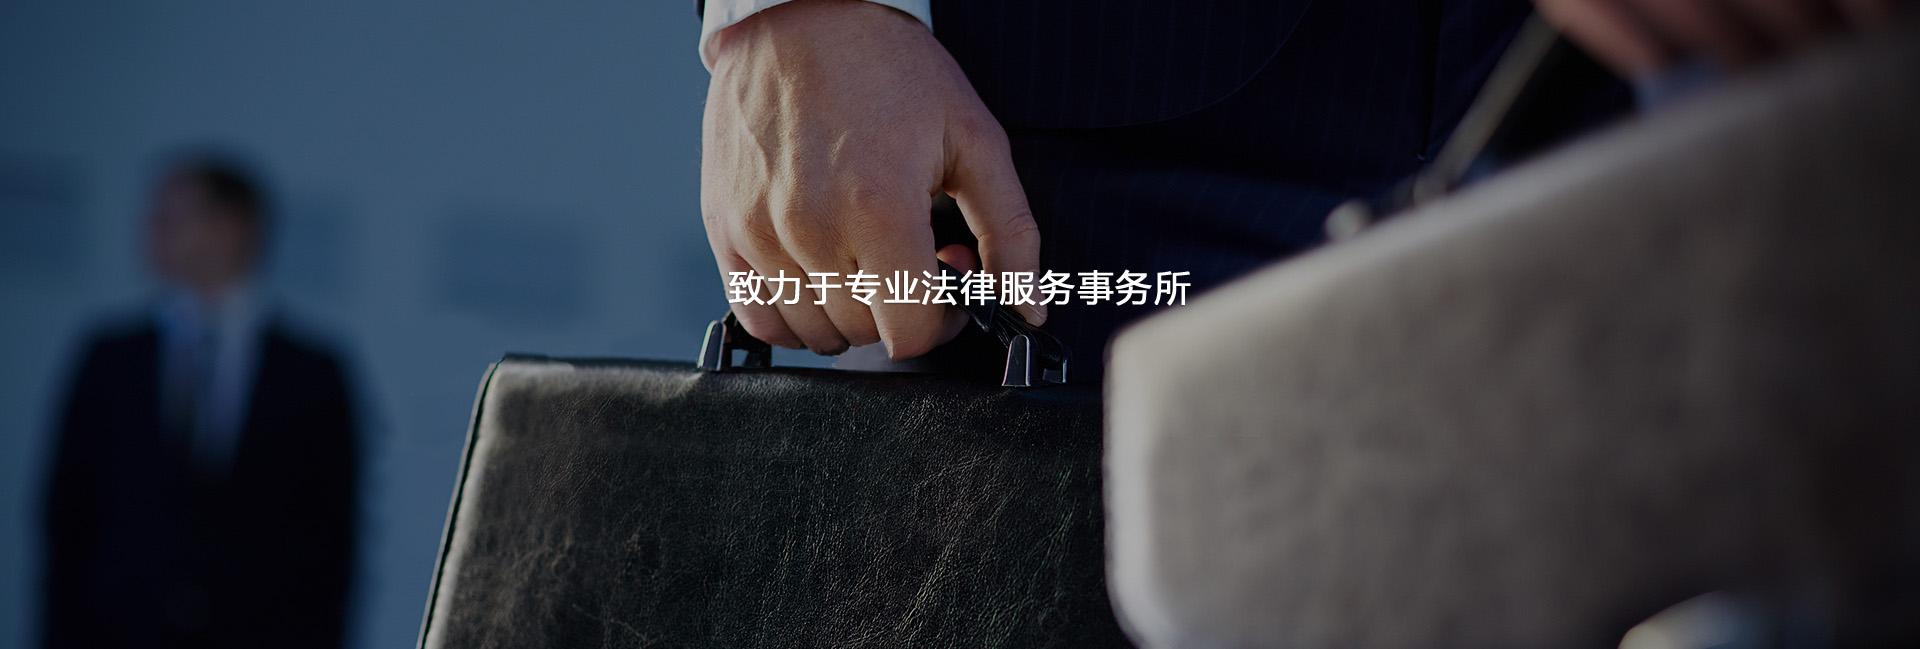 济宁刑事律师大图二